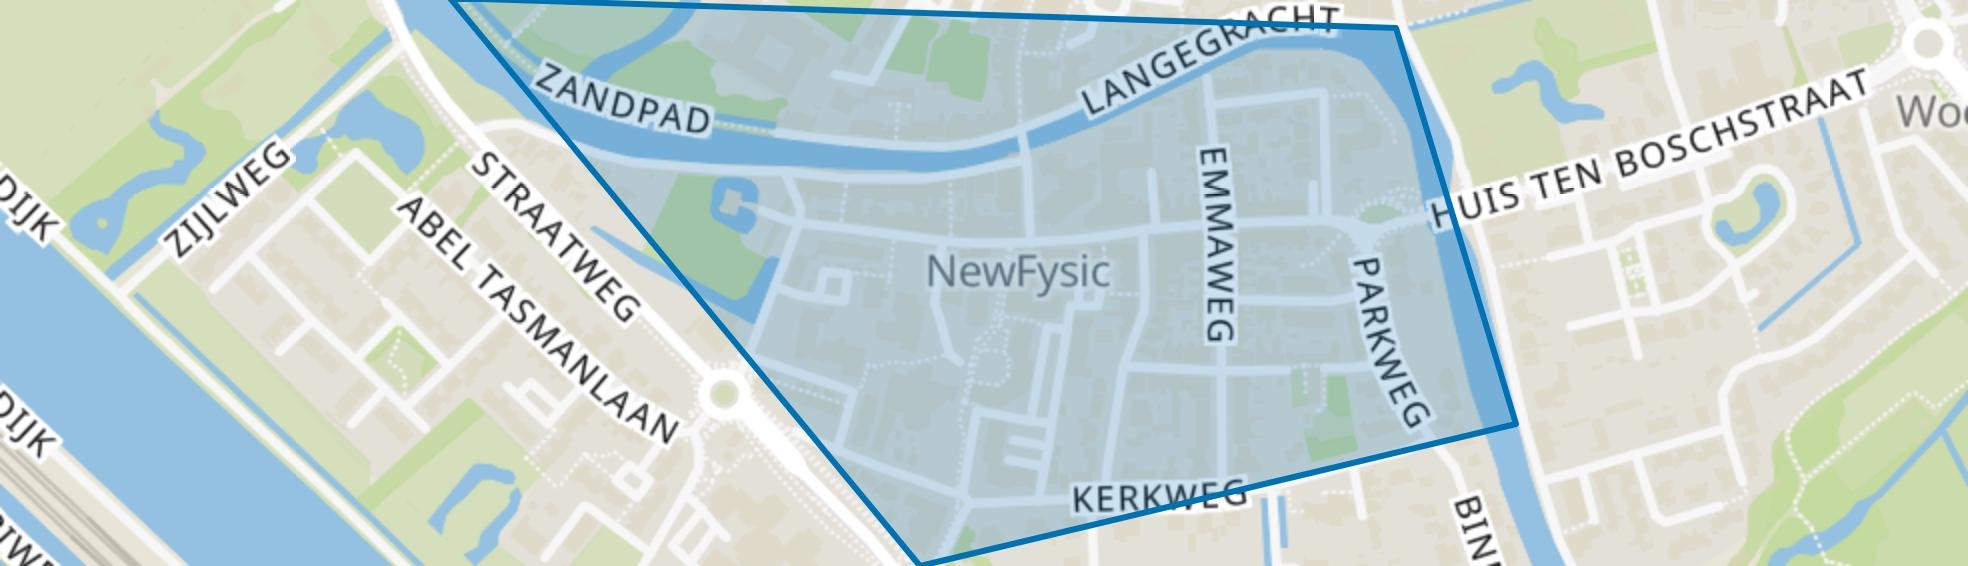 Centrum ten zuiden van de Vecht, Maarssen map